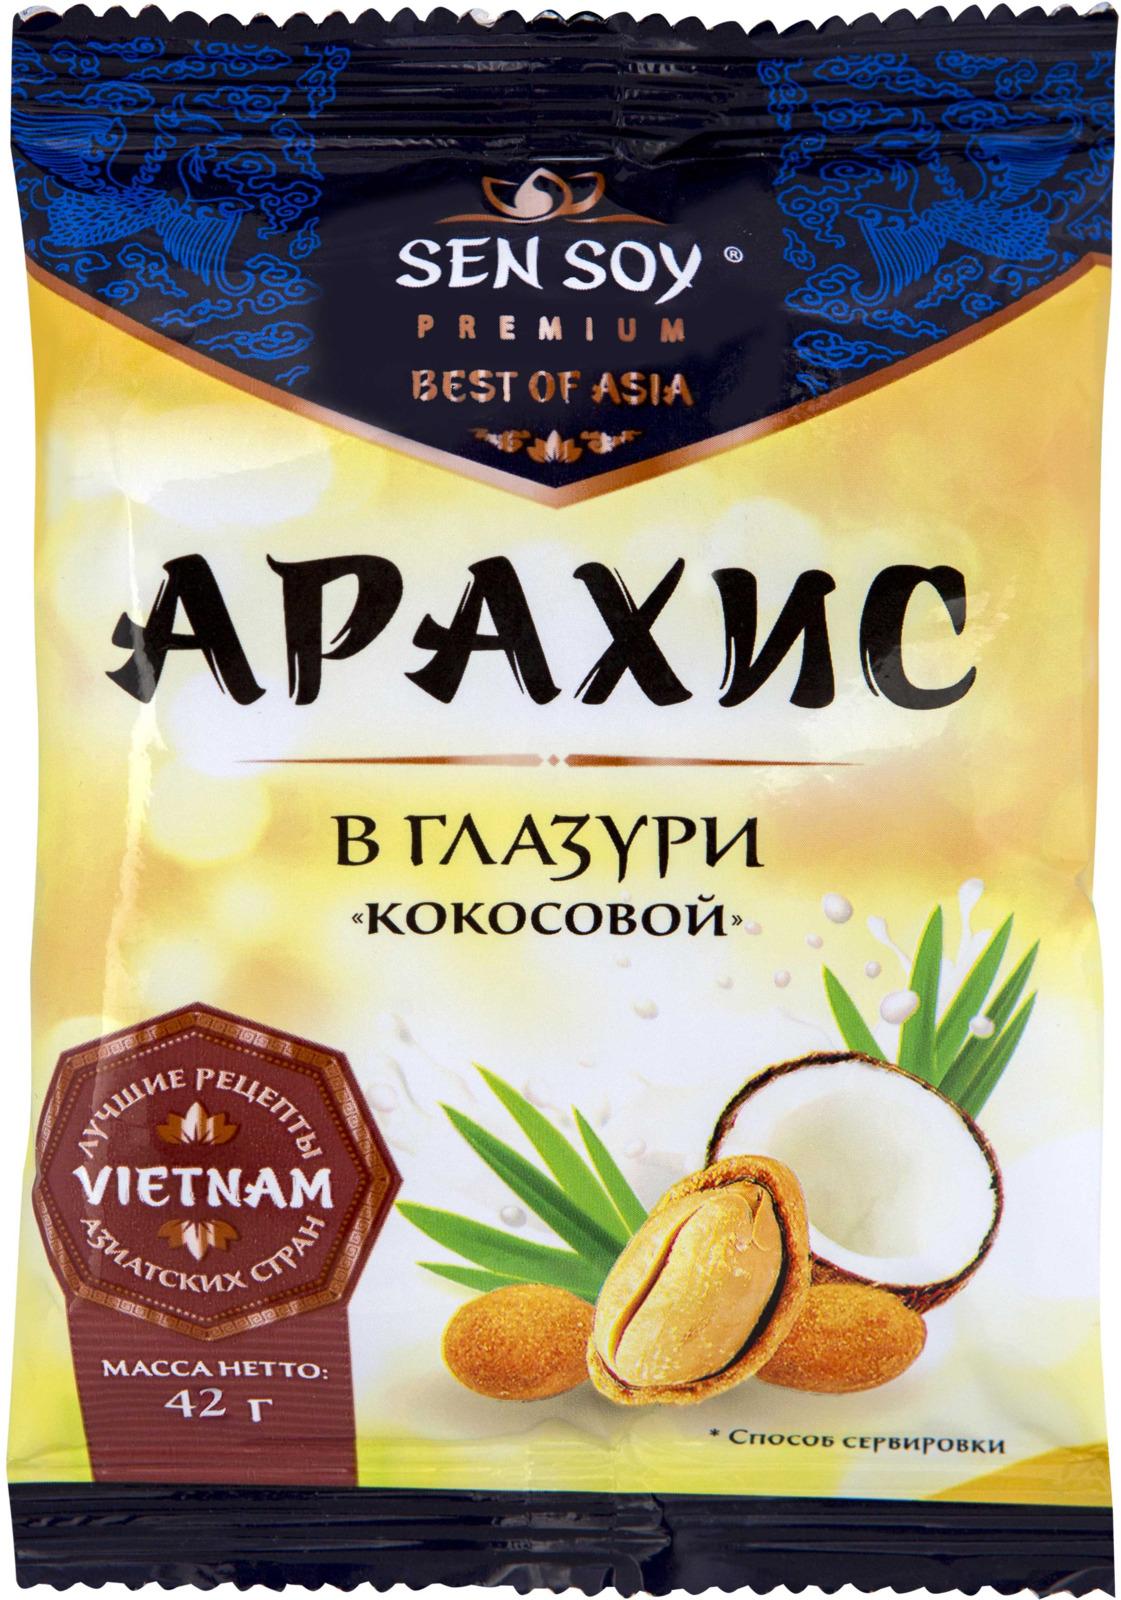 Sen Soy Арахис жареный в глазури со вкусом кокоса, 42 г nuts for life арахис в сахарной глазури с соком натуральной клюквы 115 г